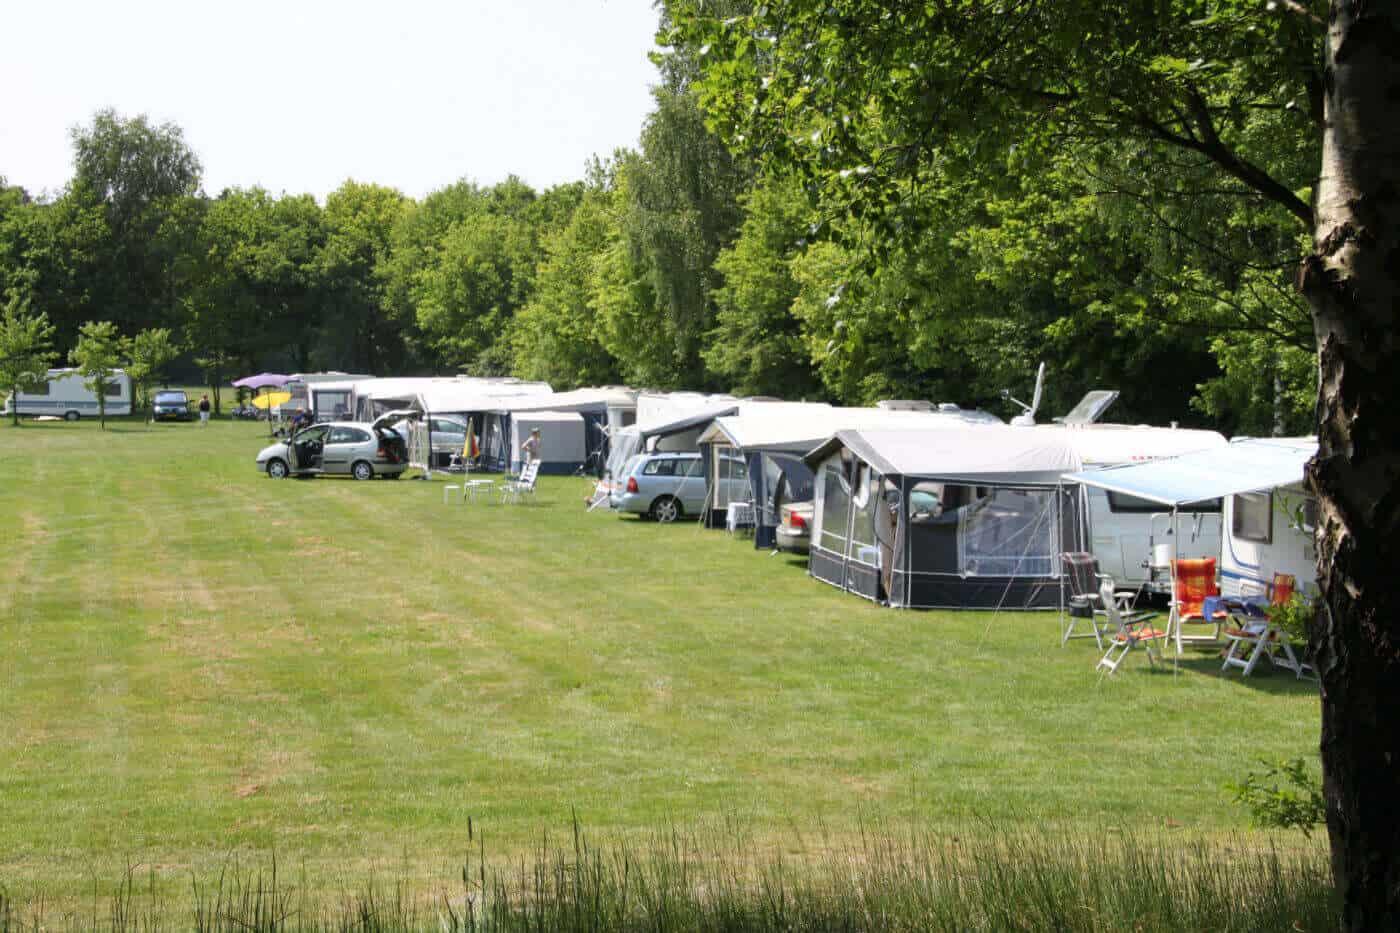 resort-de-arendshorst-camping-bungalow-ommen-22